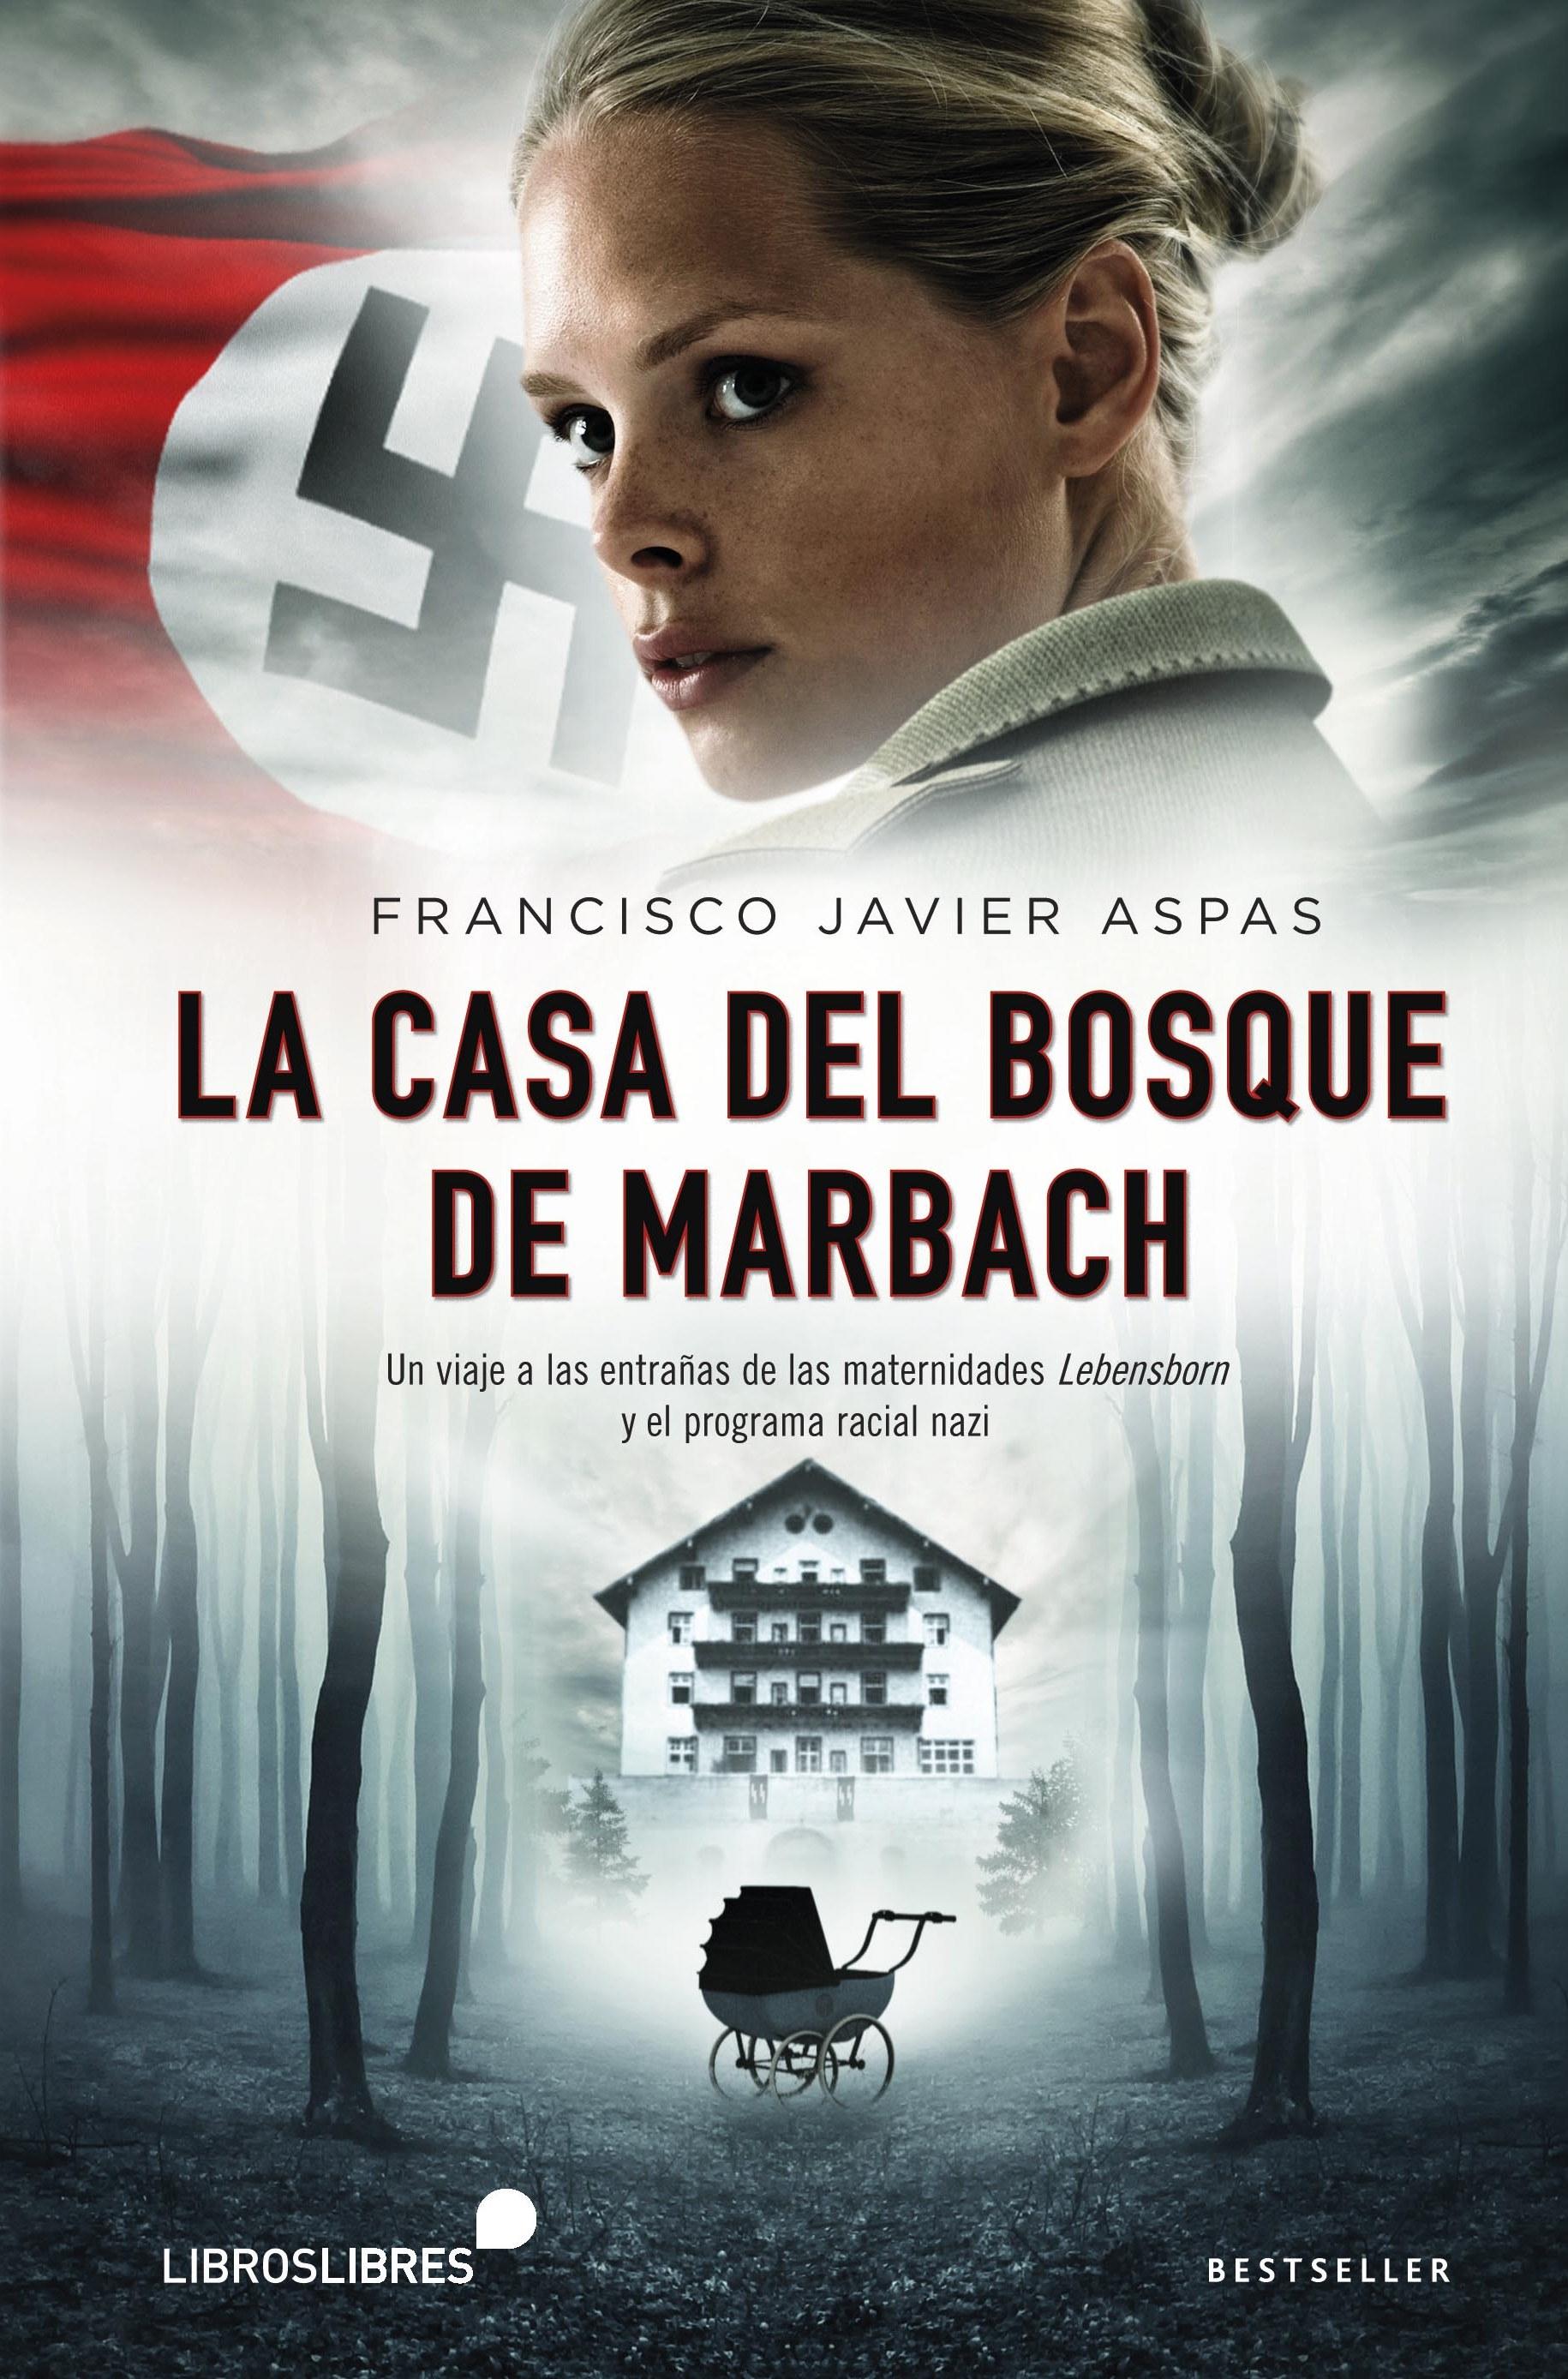 Los enemigos de la santa iglesia de cristo lebensborn la maldad eugenesica nazi - La casa del nazi ...